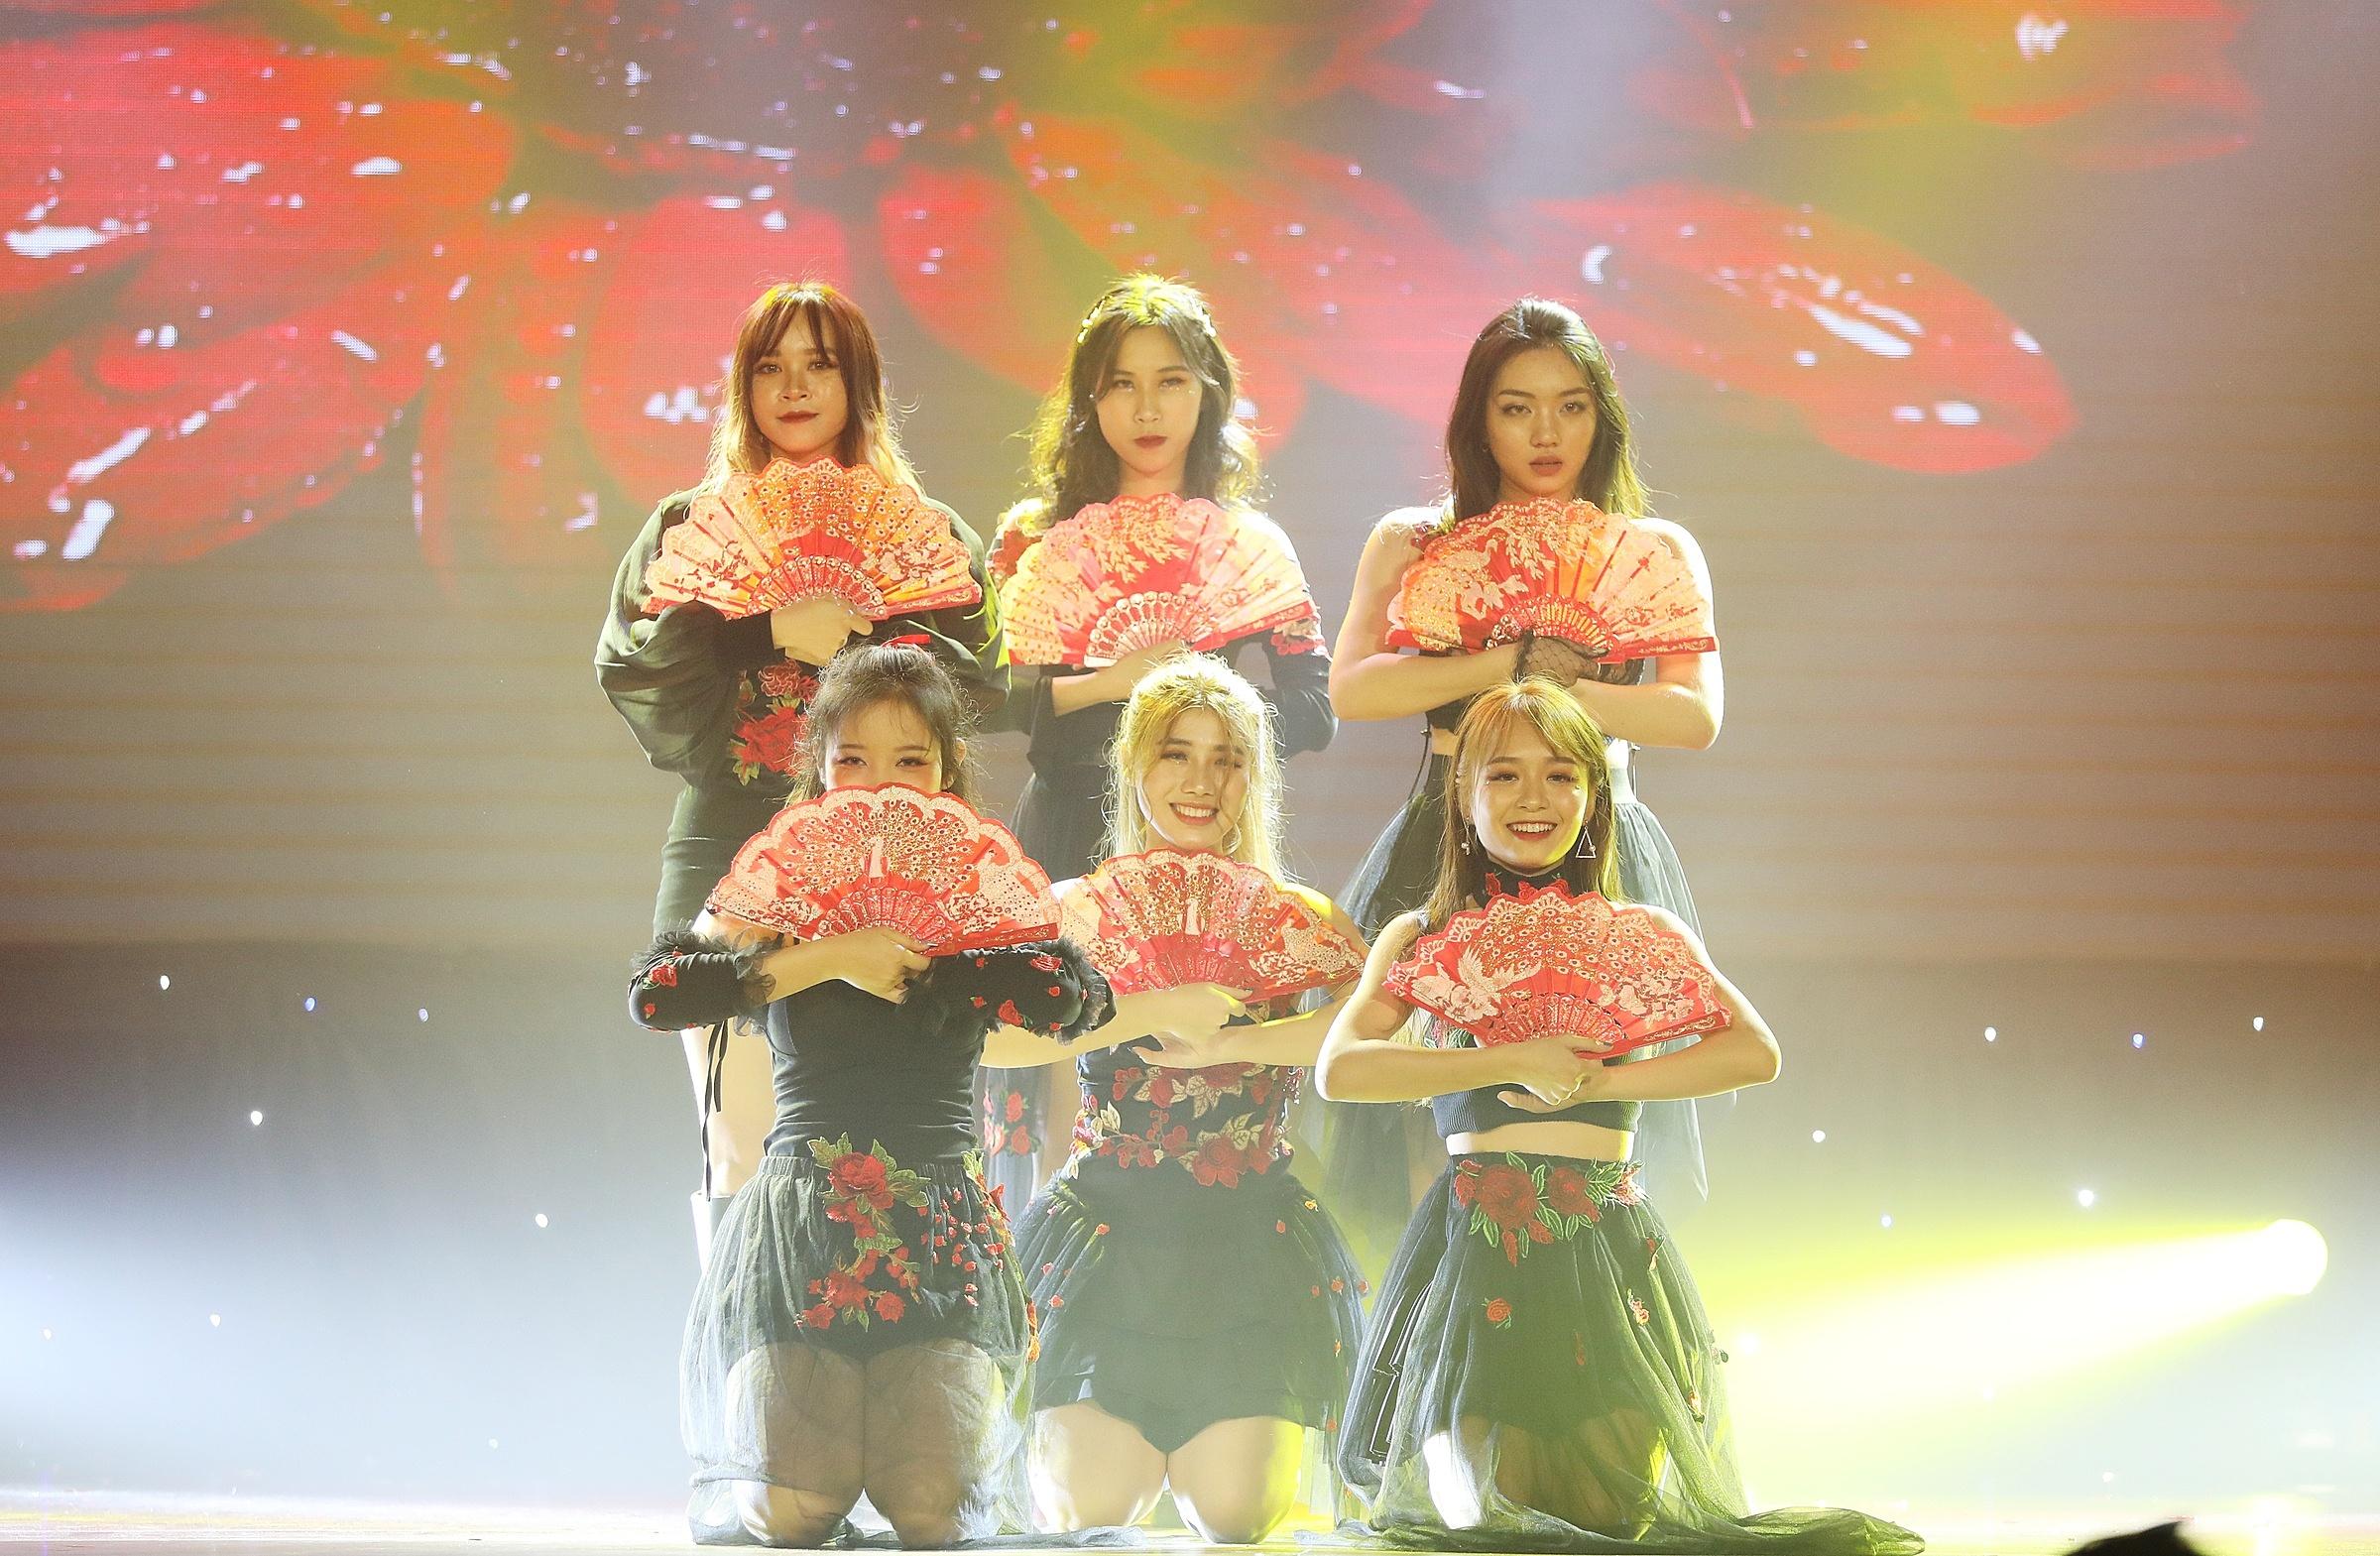 Twinkling (Đại học Kinh tế Đà Nẵng) vượt quãng đường xa vào TP HCM tranh tài. Nhóm thể hiện niềm đam mê vũ đạo và khát khao chiến thắng qua màn cover vũ đạo ca khúc Hwaa hit mới nhất của nhóm nhạc Hàn Quốc (G)I-DLE. Các cô gái được giám khảo lẫn khán giả nhận xét sáng sân khấu, từng điệu nhảy của các thành viên có sự gắn kết.